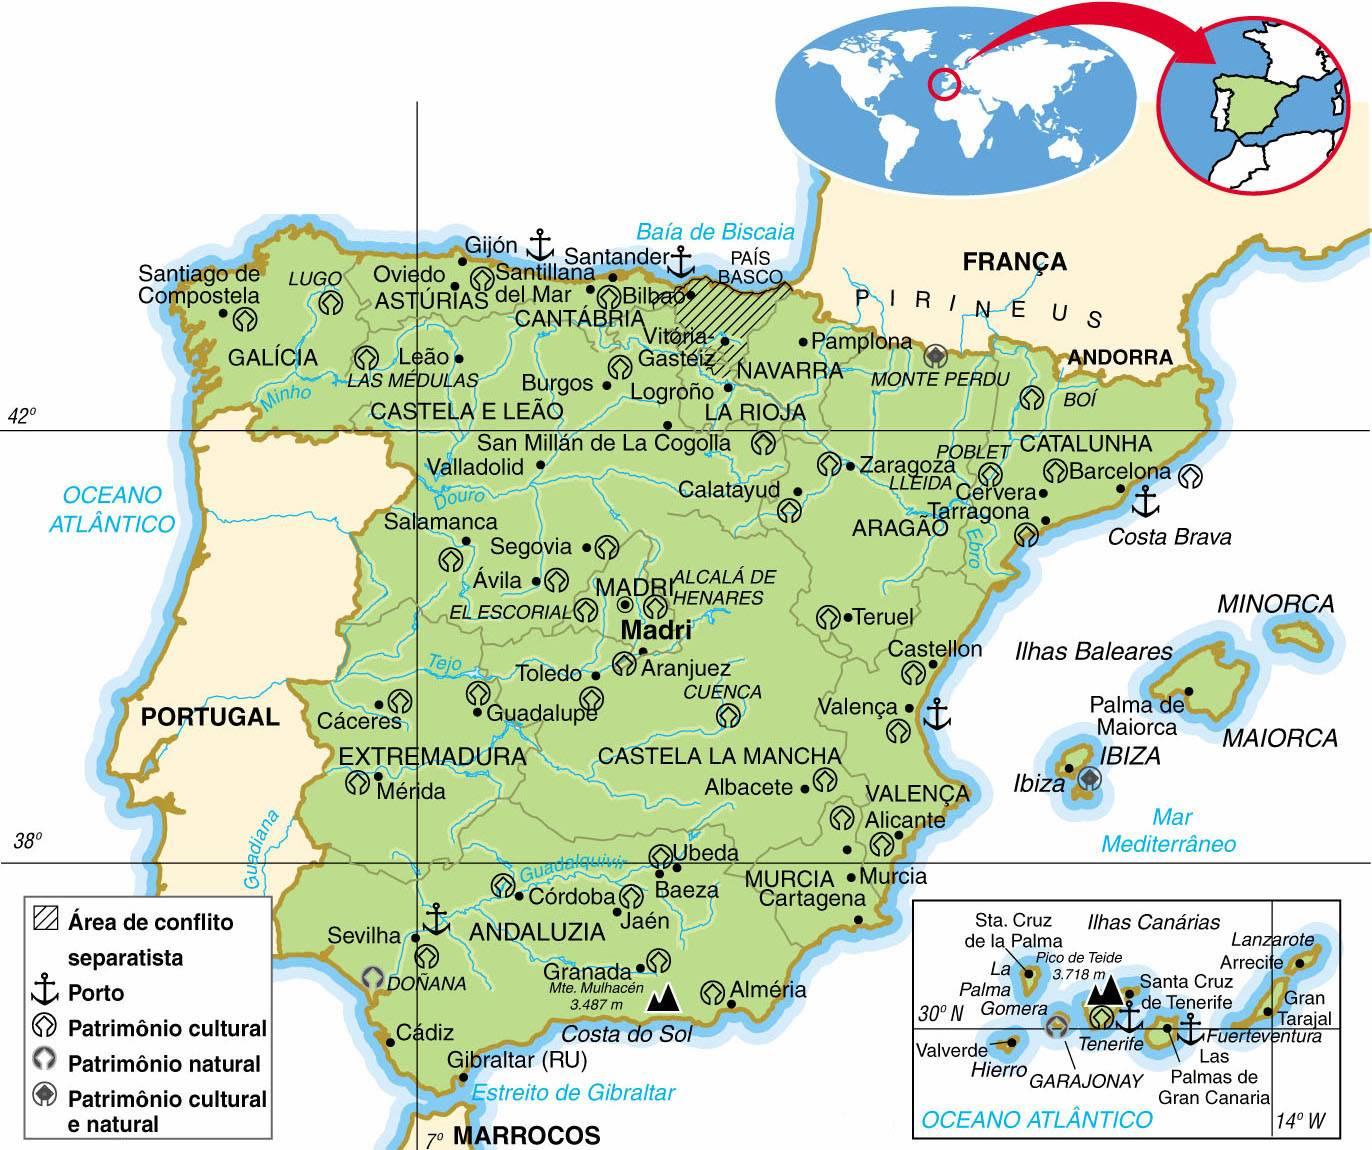 Espanha, Aspectos Geográficos e Socioeconômicos da Espanha